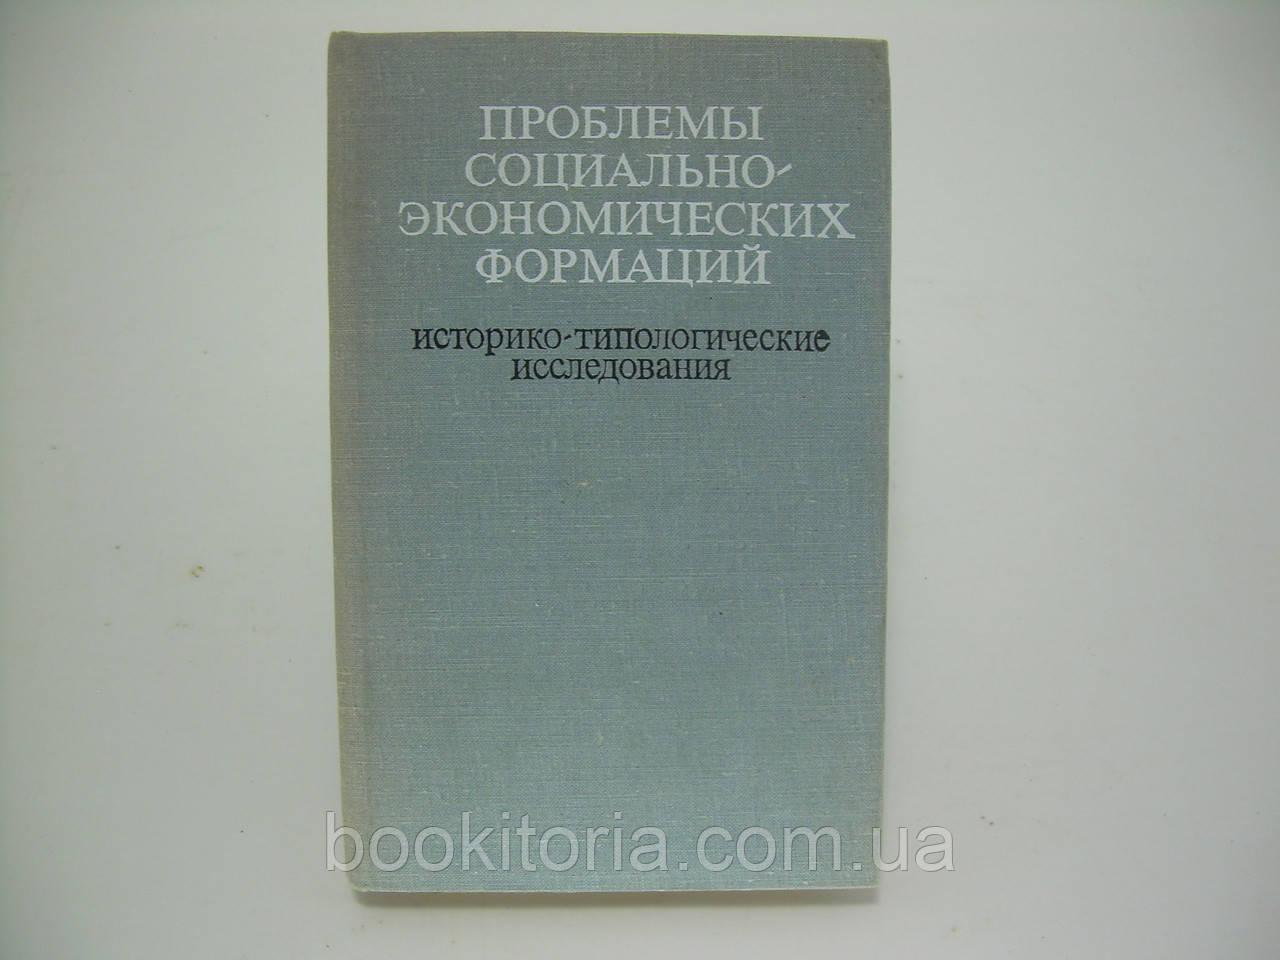 Жуков Е.М. (под ред.) Проблемы социально-экономических формаций (б/у).